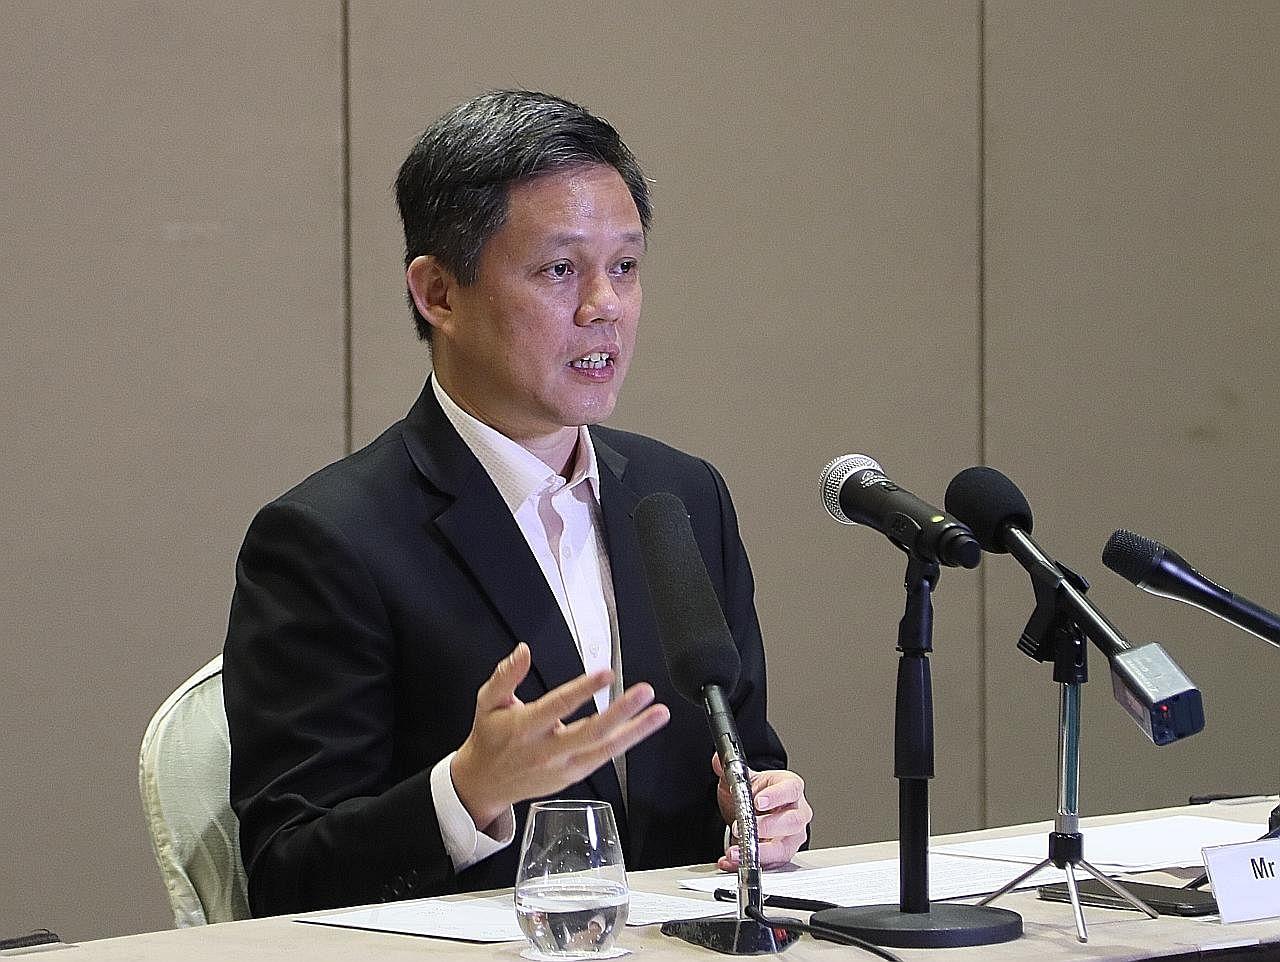 Manfaatkan peluang belajar, niaga di serata AS: Chun Sing